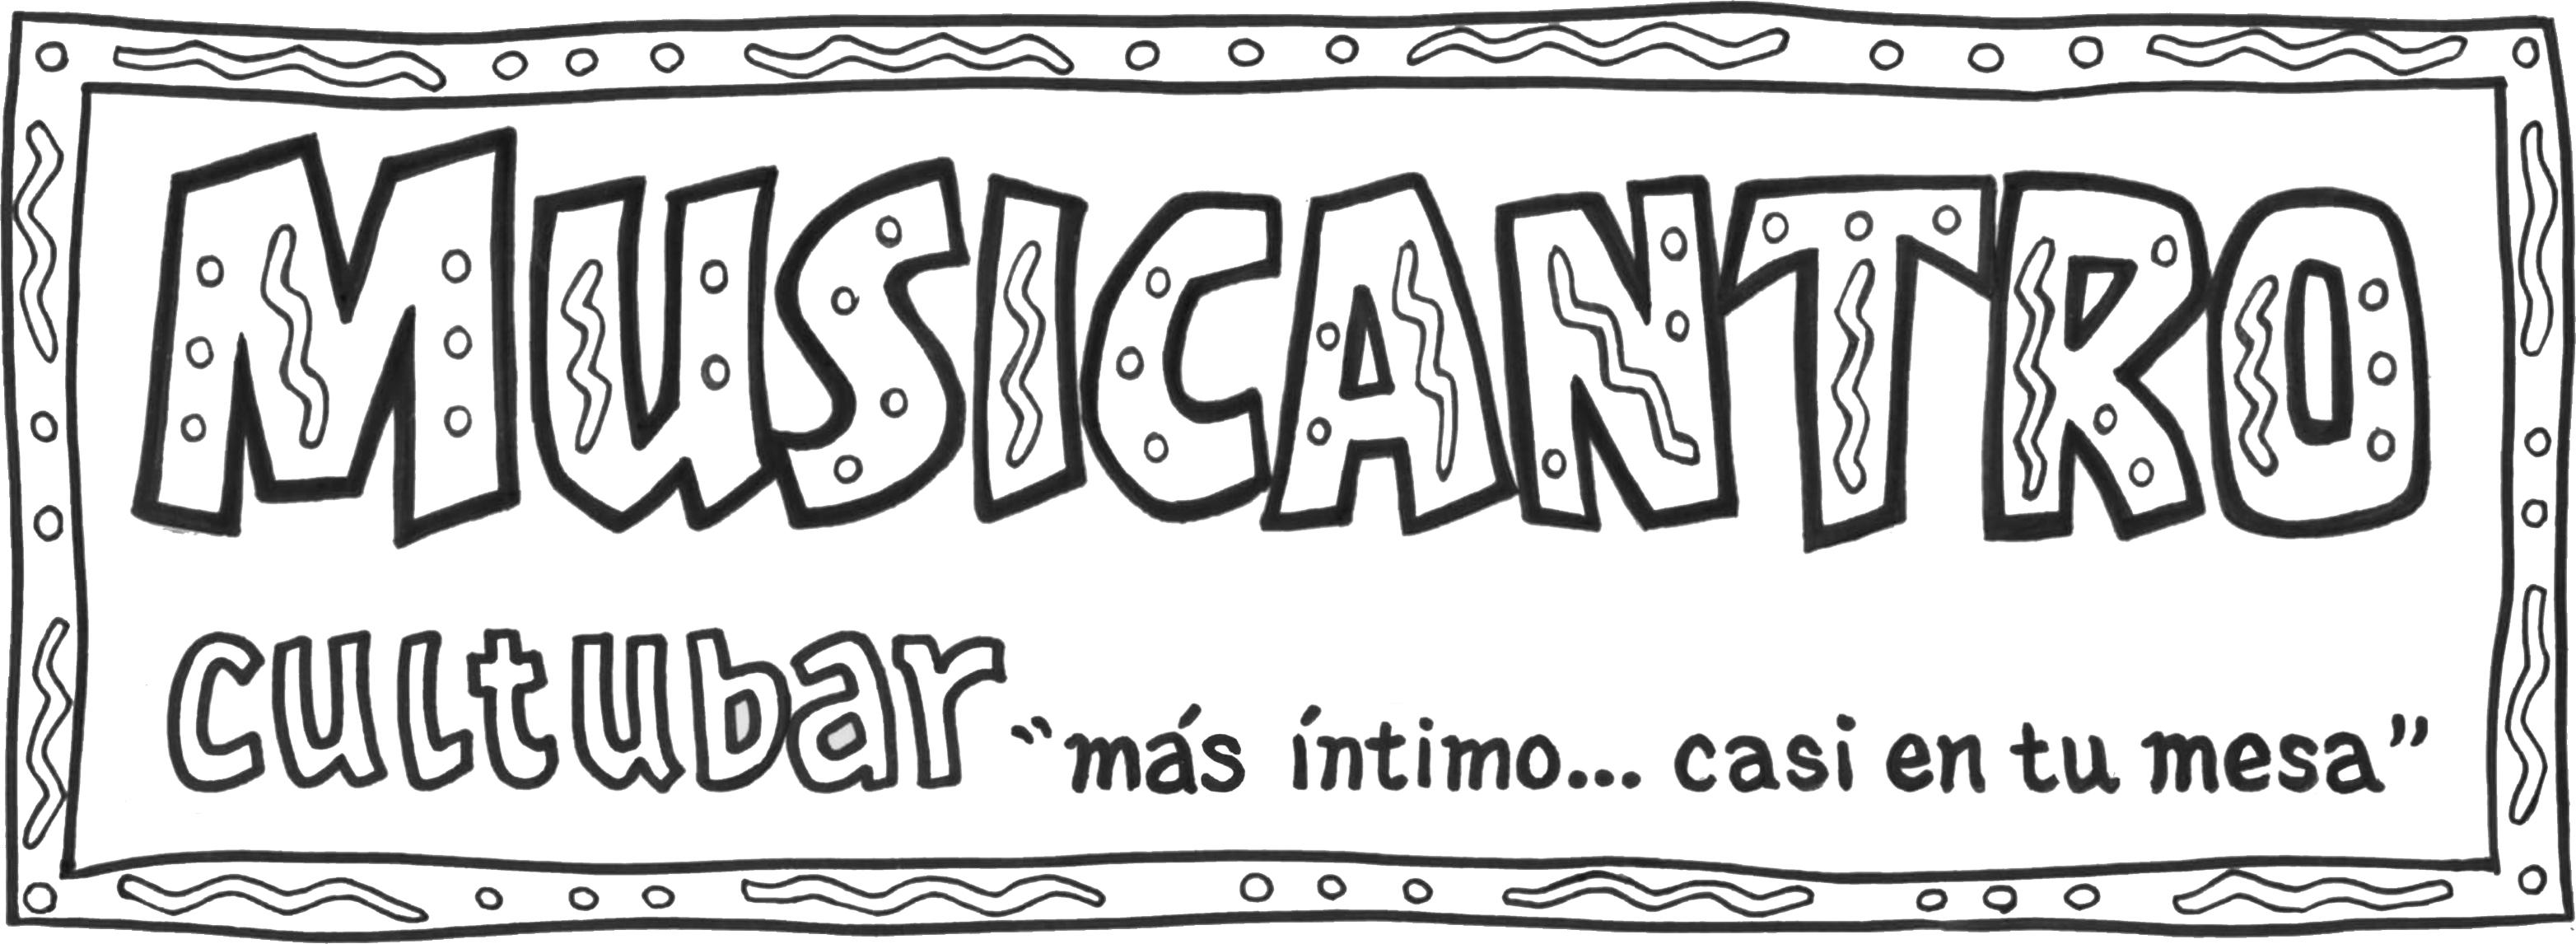 logomusicantroparaweb